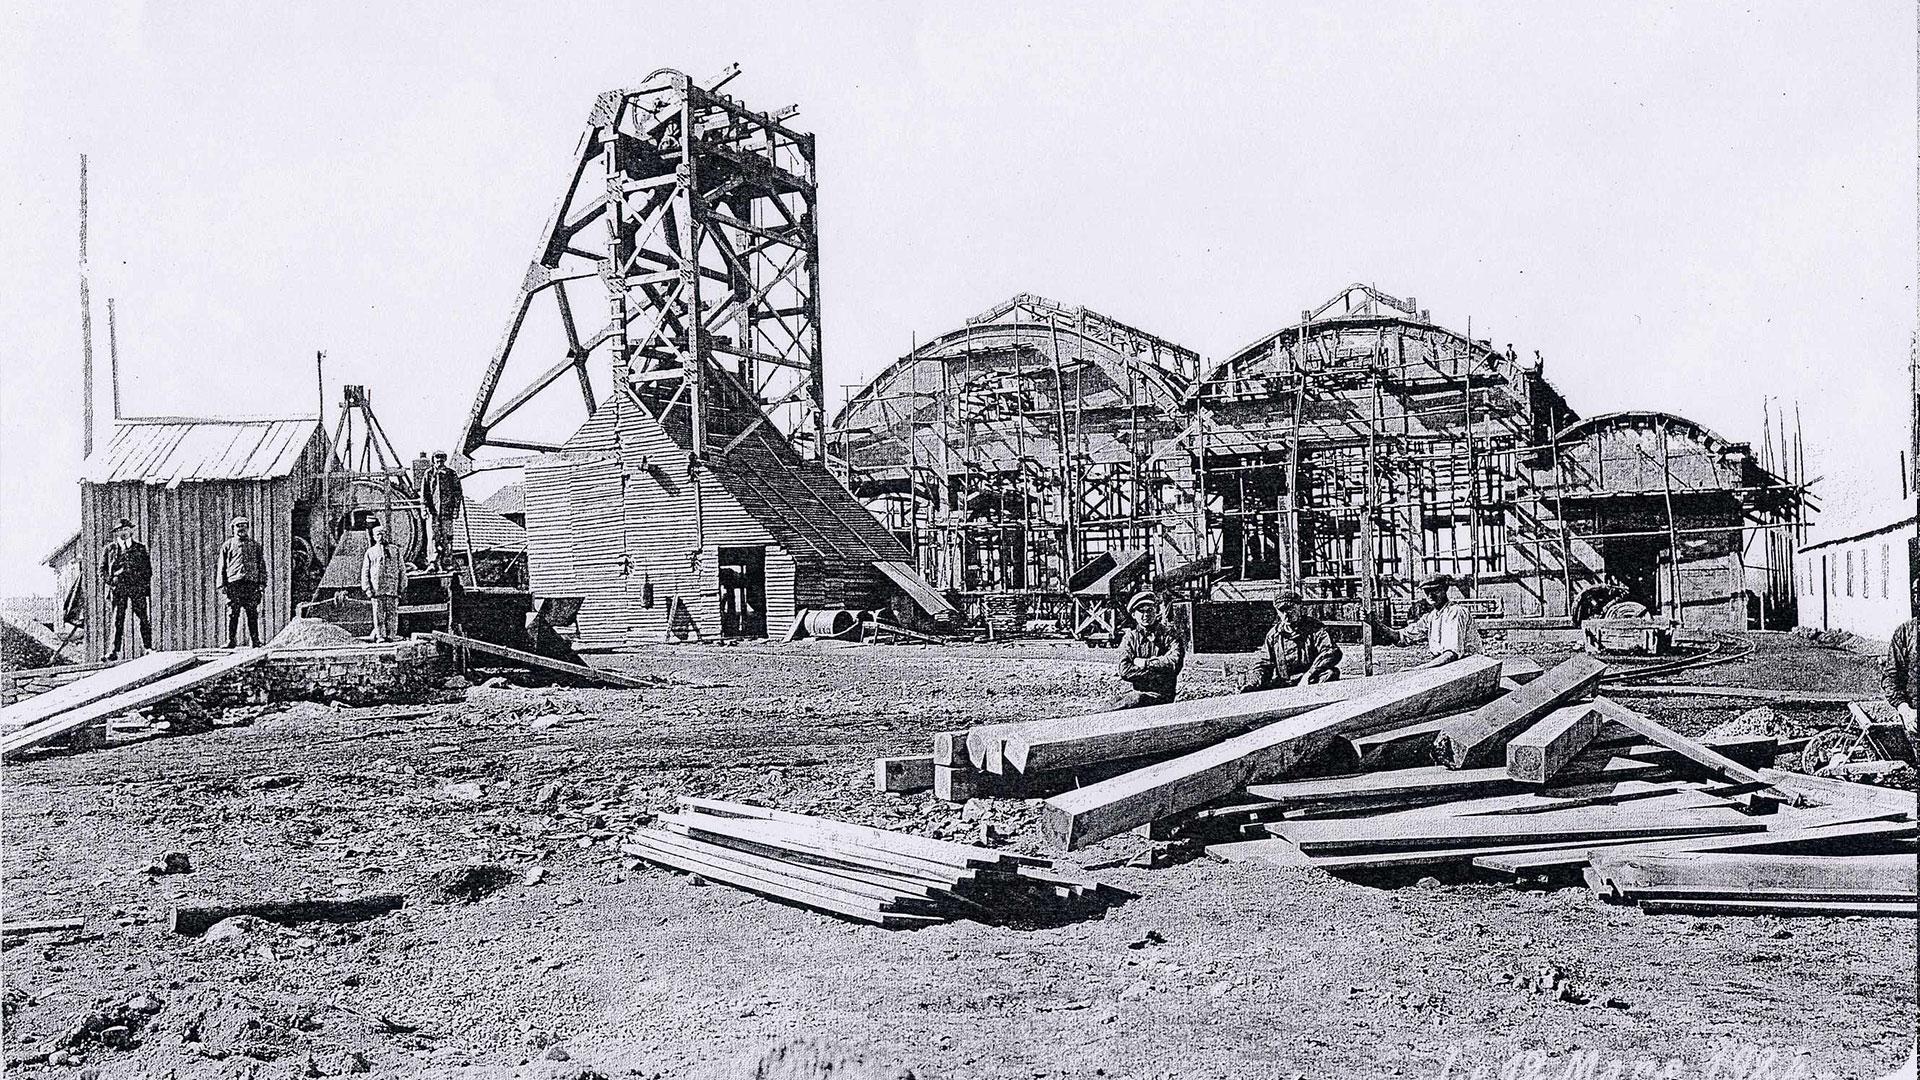 histoire-mine de Messeix -chantier du puits Saint-Louis-mine de Messeix -histoire